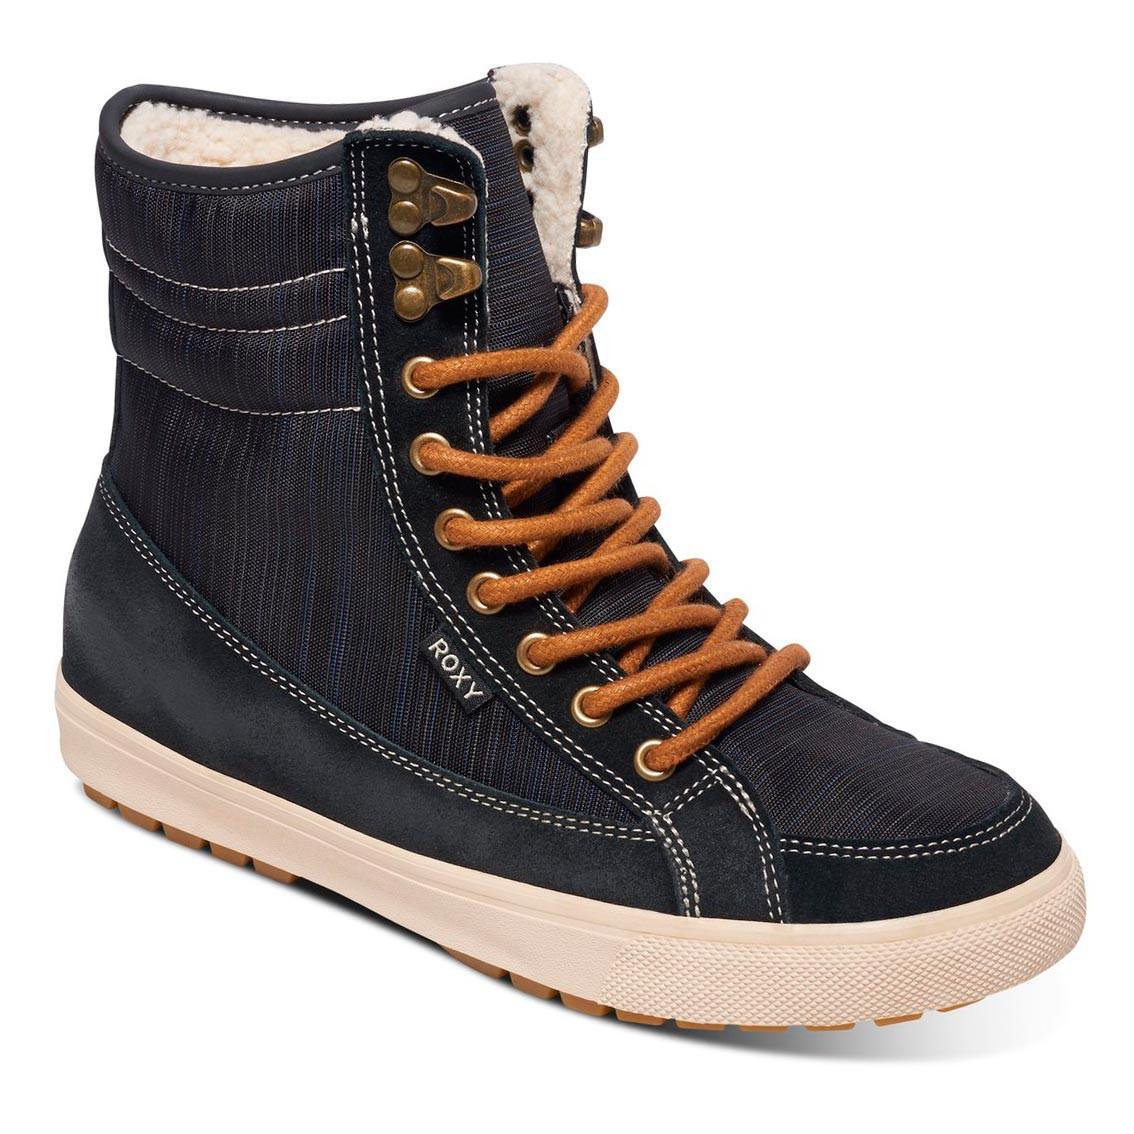 Zimní boty Roxy Anchorage II black vel.4 (37) 16 + doručení do 24 hodin